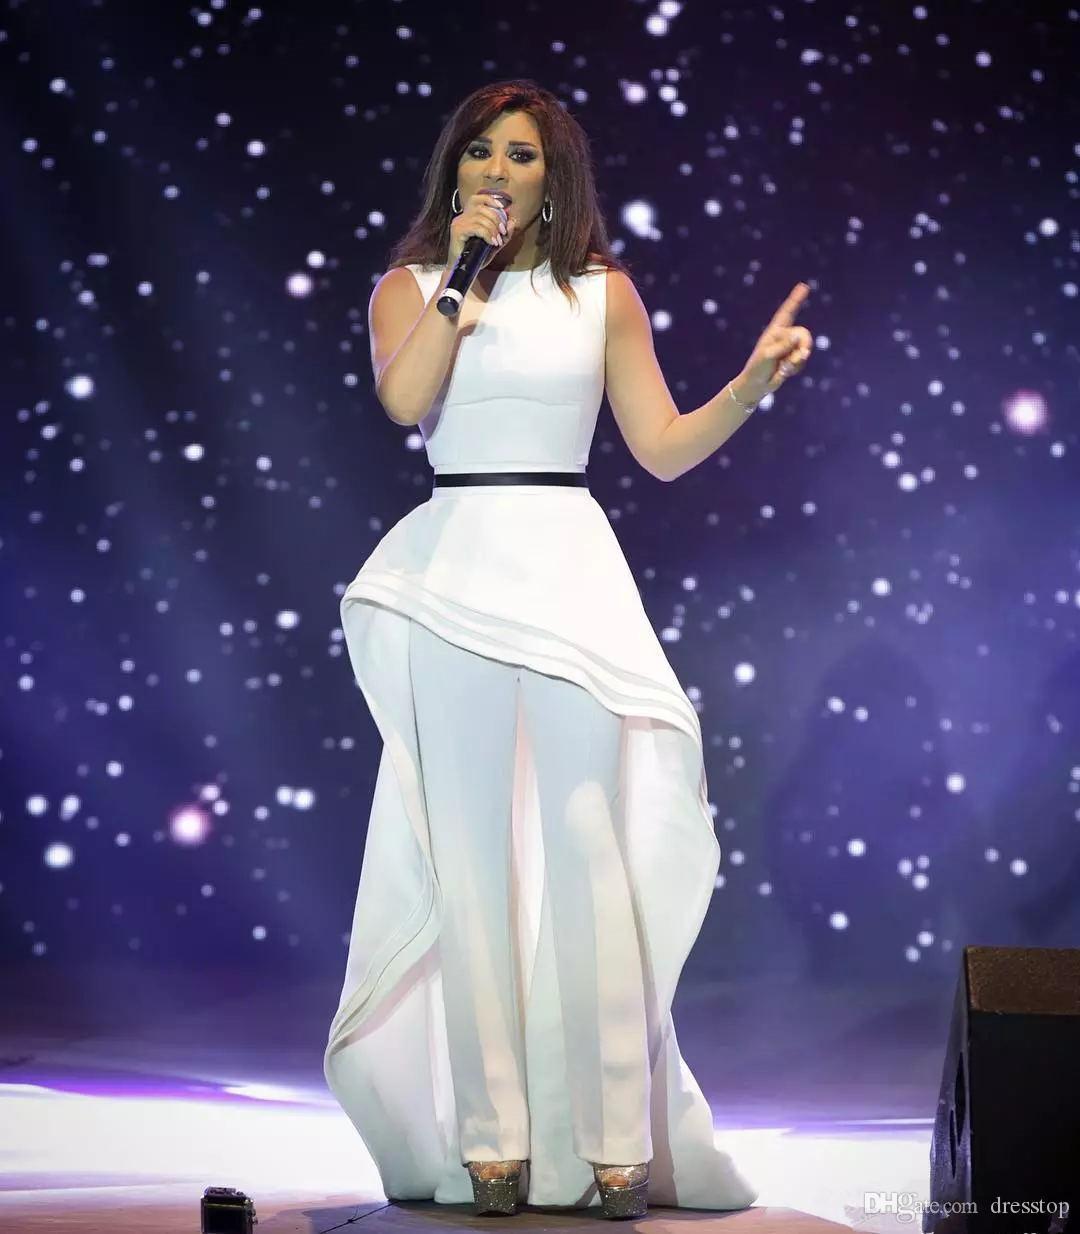 Abiti gioiello bianco Alto Basso arabo di promenade del collo delle tute peplo di sera del partito degli abiti di un cavo a due pezzi vestito convenzionale